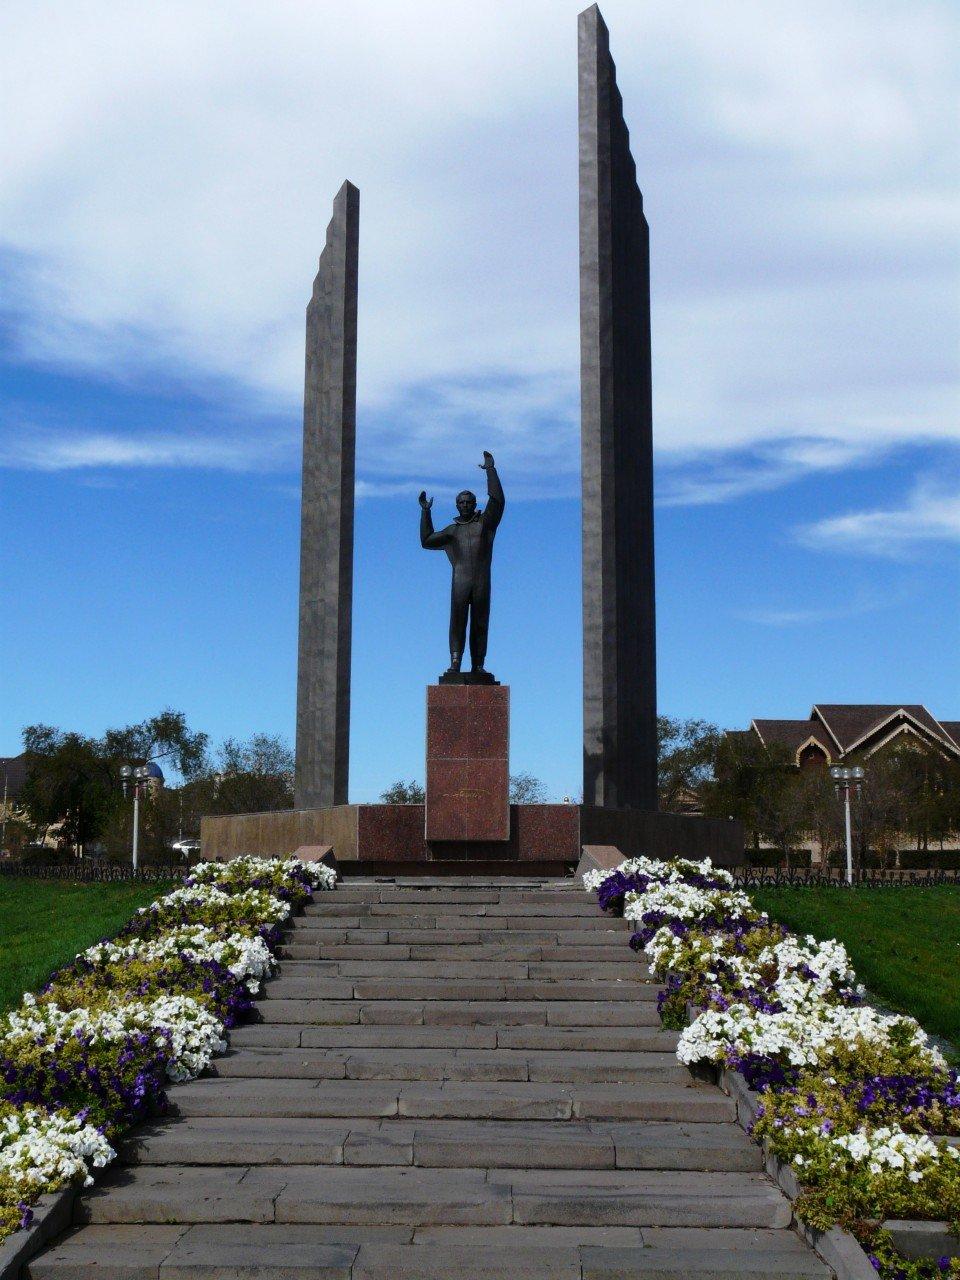 оренбург достопримечательности фото с описанием капелле пели